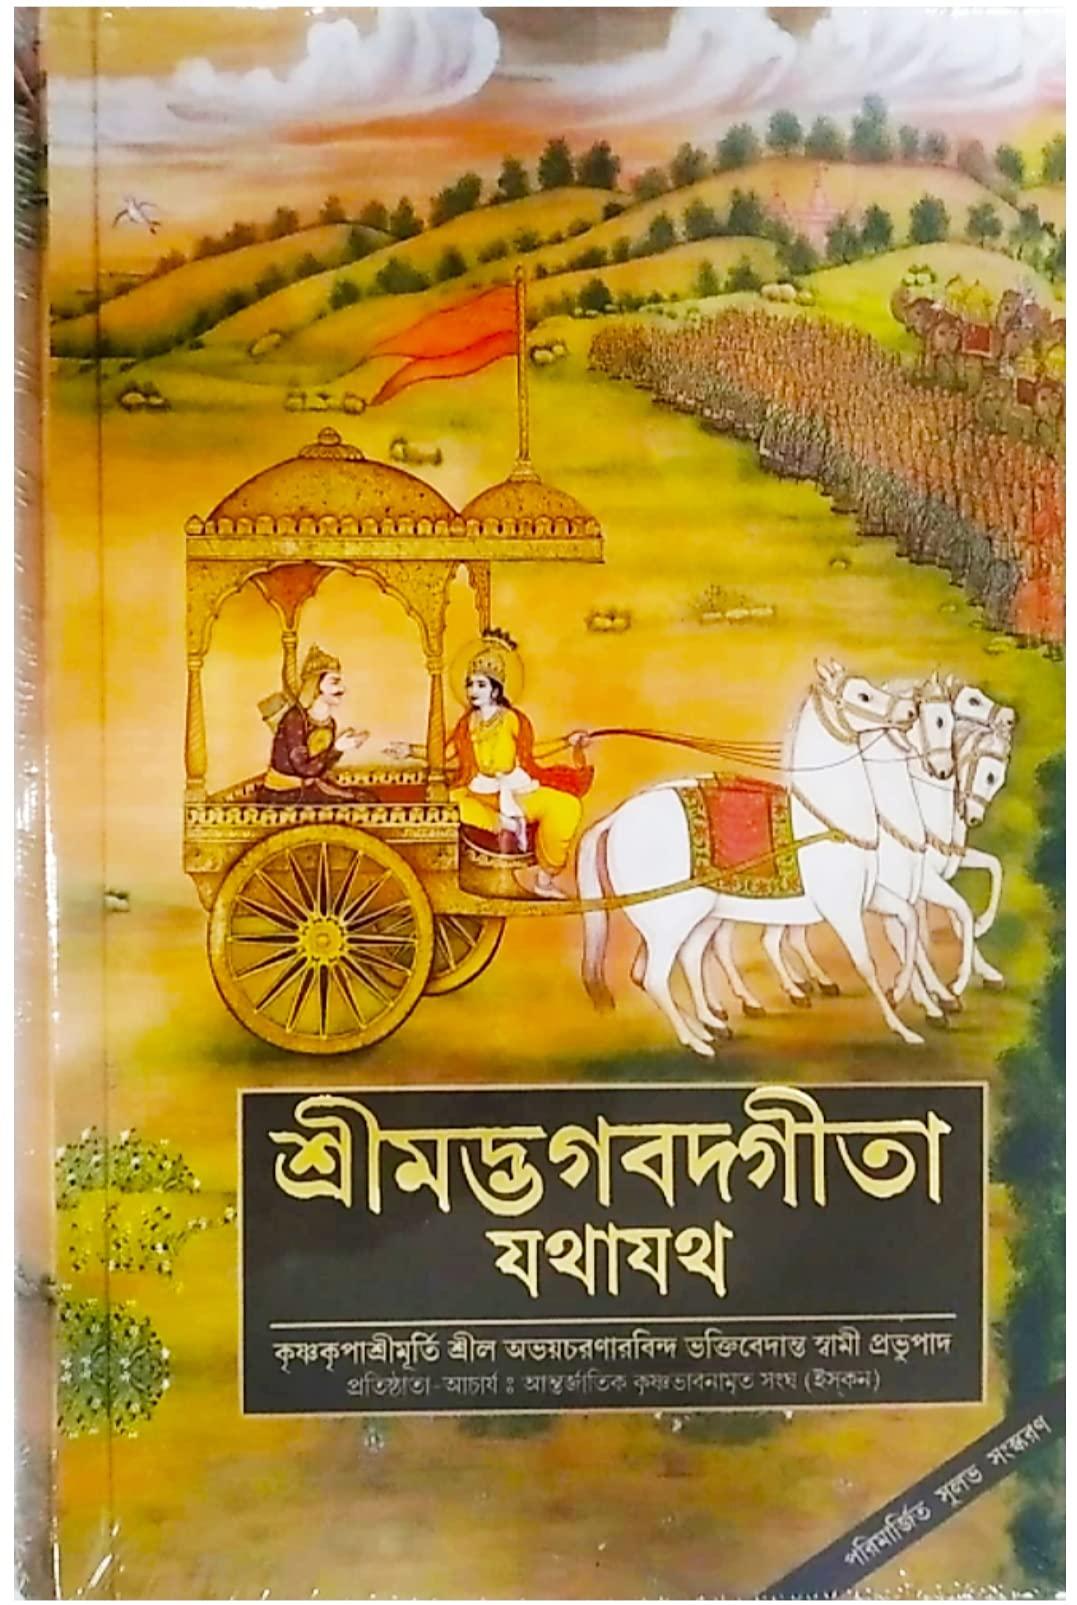 Bhagobat gita bengali